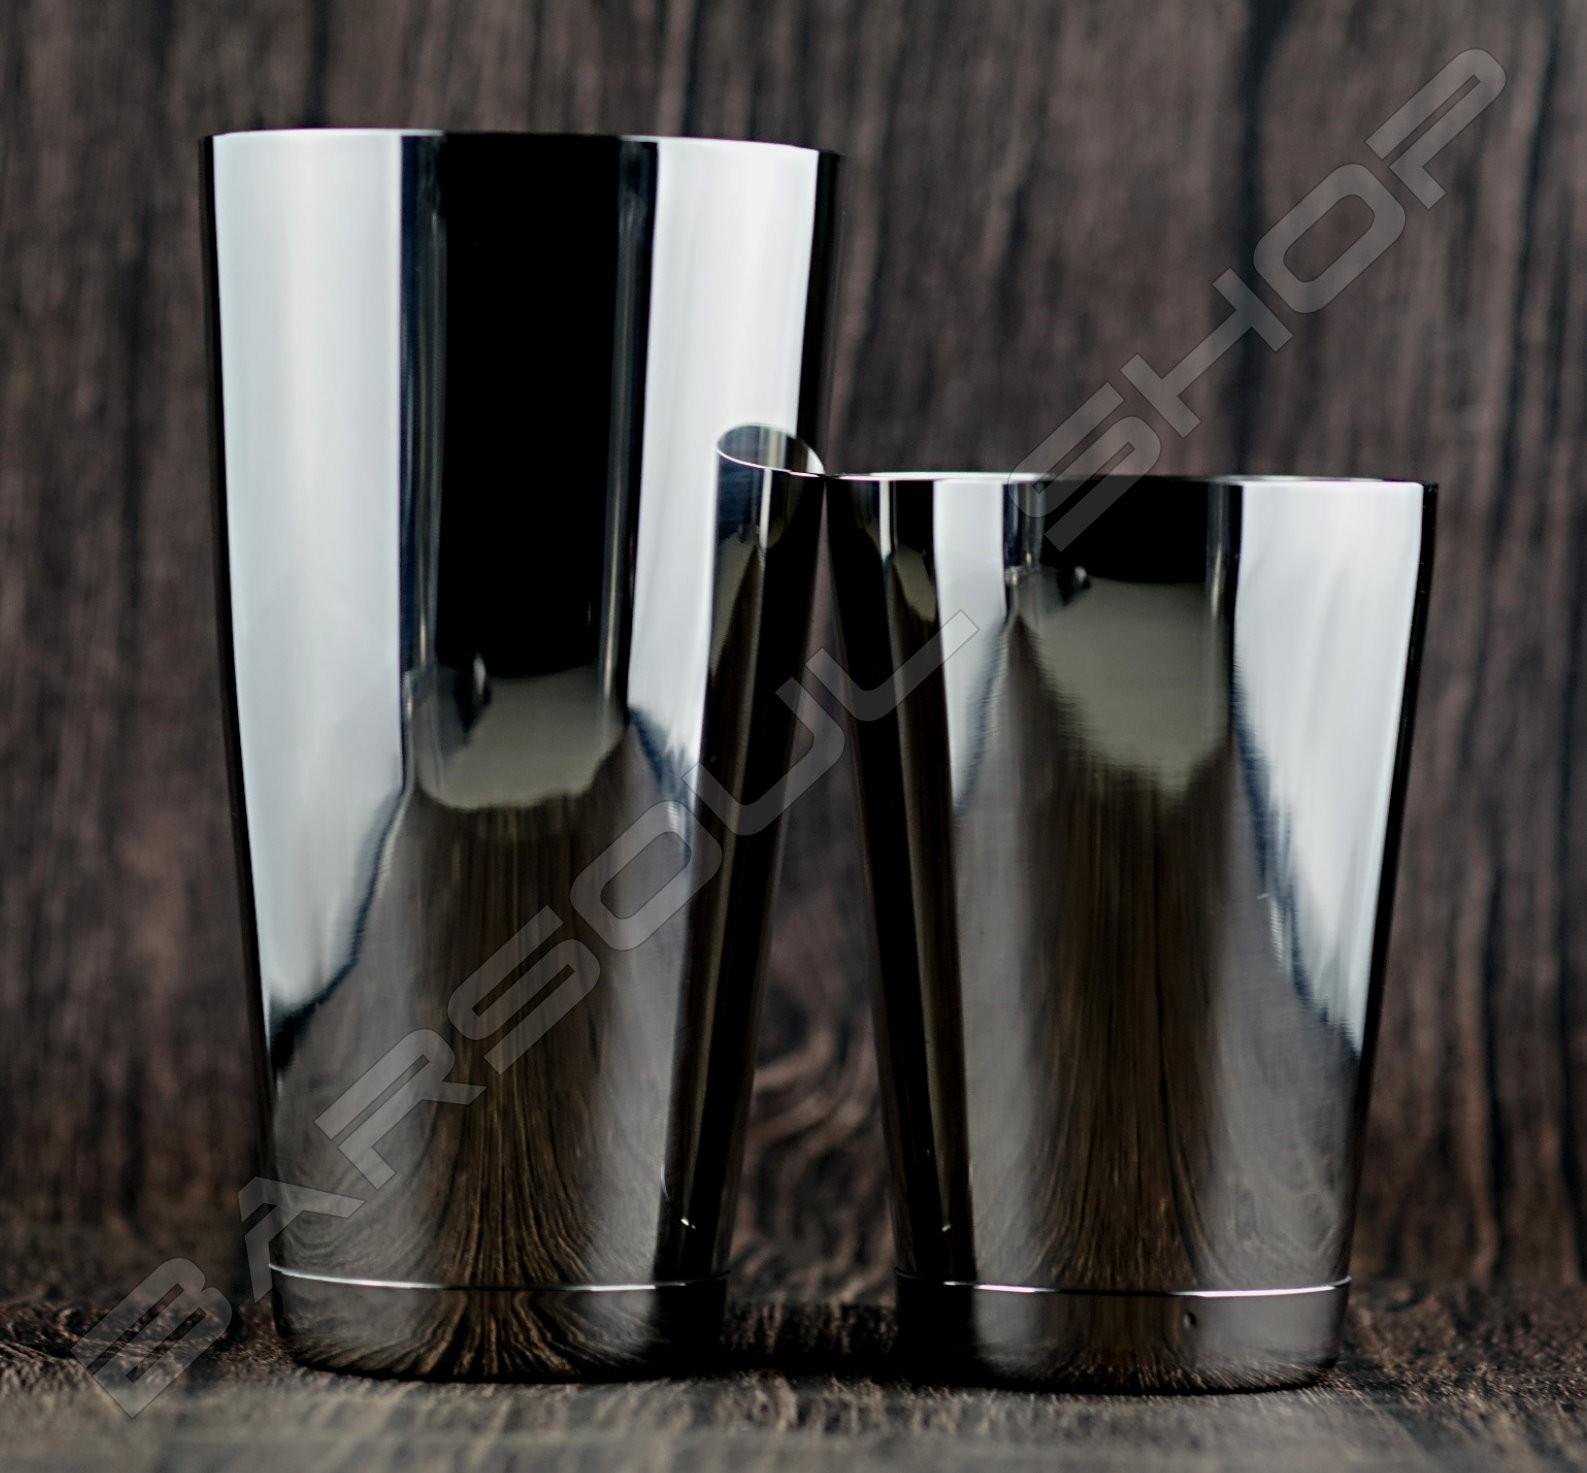 二節式波士頓shaker組Boston shaker set 90 or 93mm (silver)